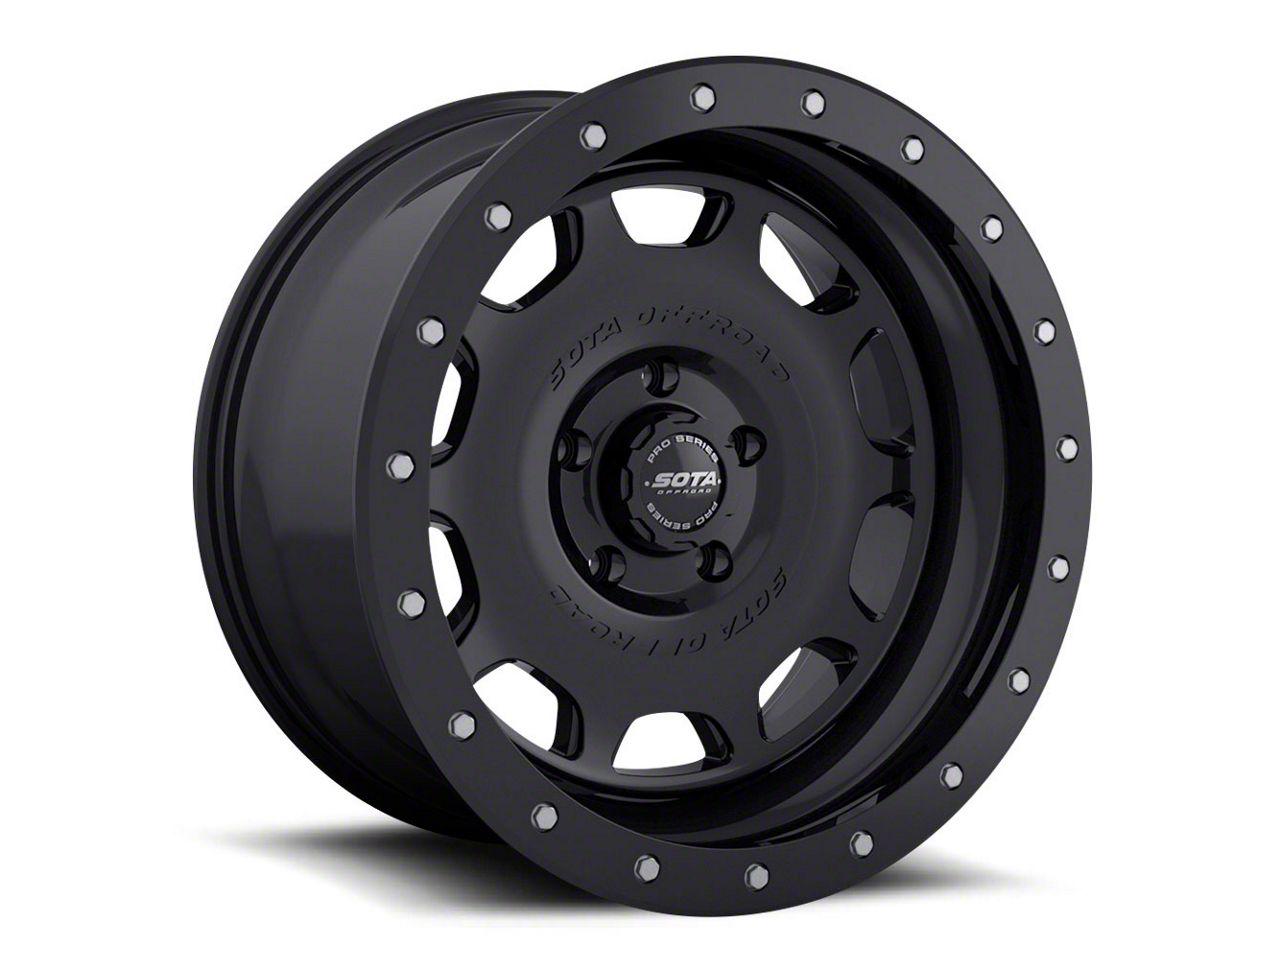 SOTA Off Road D.R.T. Stealth Black 5-Lug Wheel - 17x8.5 (02-18 RAM 1500, Excluding Mega Cab)